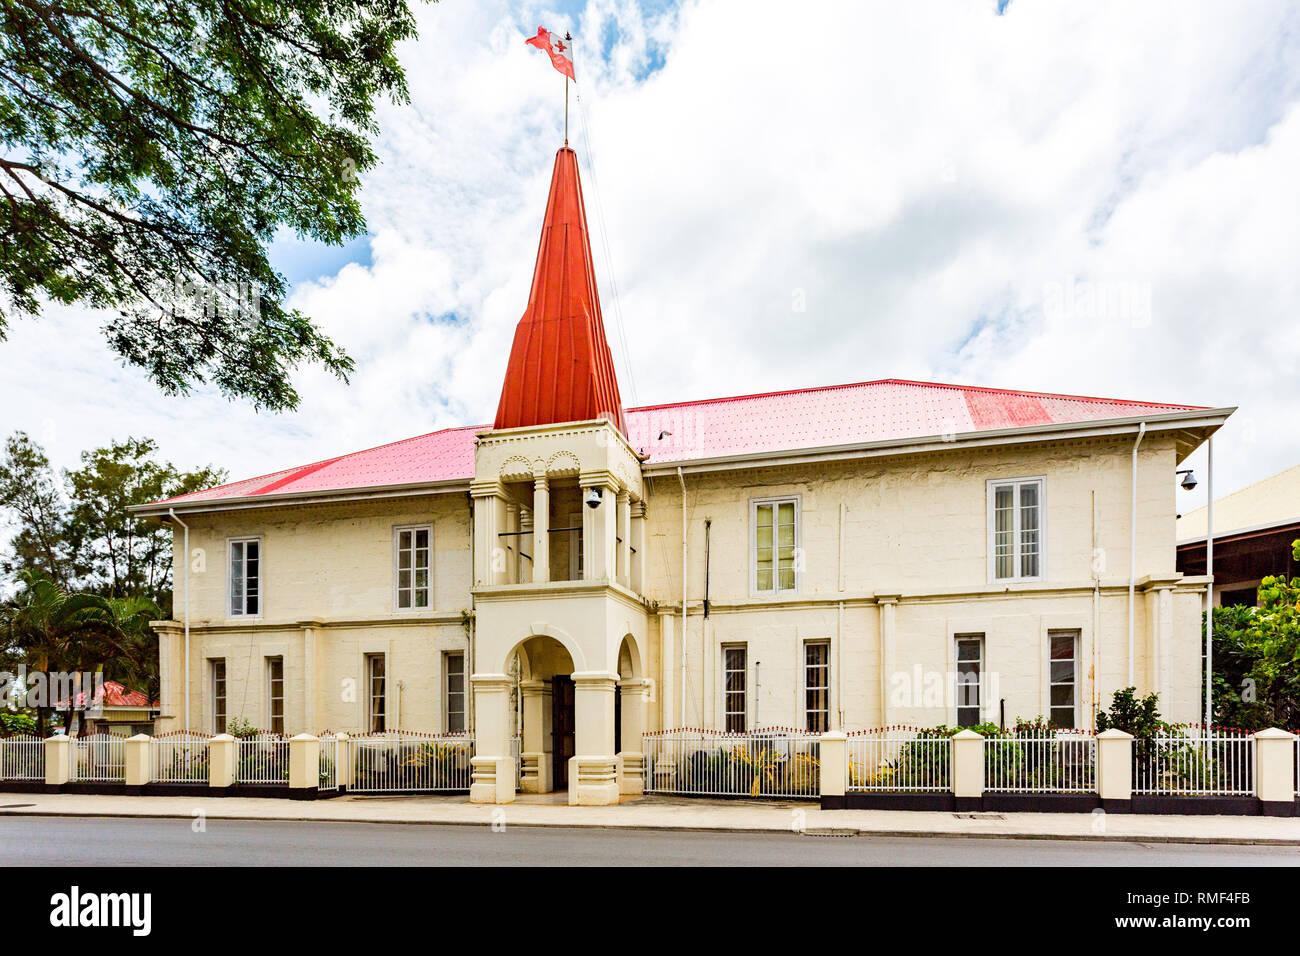 Prime Minister's Office, historic stone building in the centre of Nukualofa or Nuku'alofa city, Tongatapu island, Kingdom of Tonga, Polynesia, Oceania Stock Photo